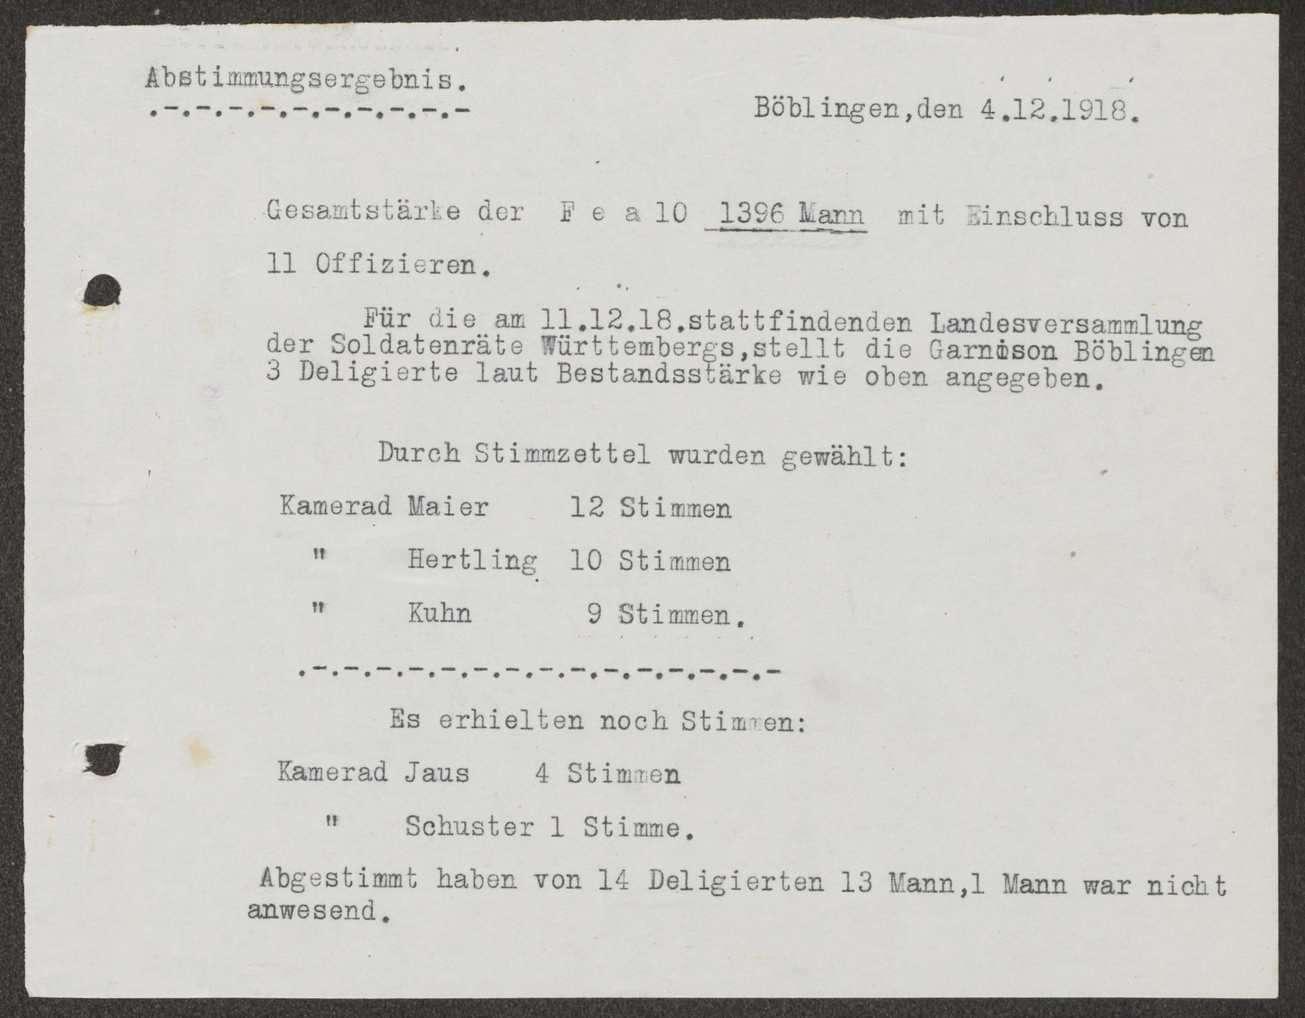 Delegiertenwahl zur Landesversammlung der Soldatenräte, Bild 1